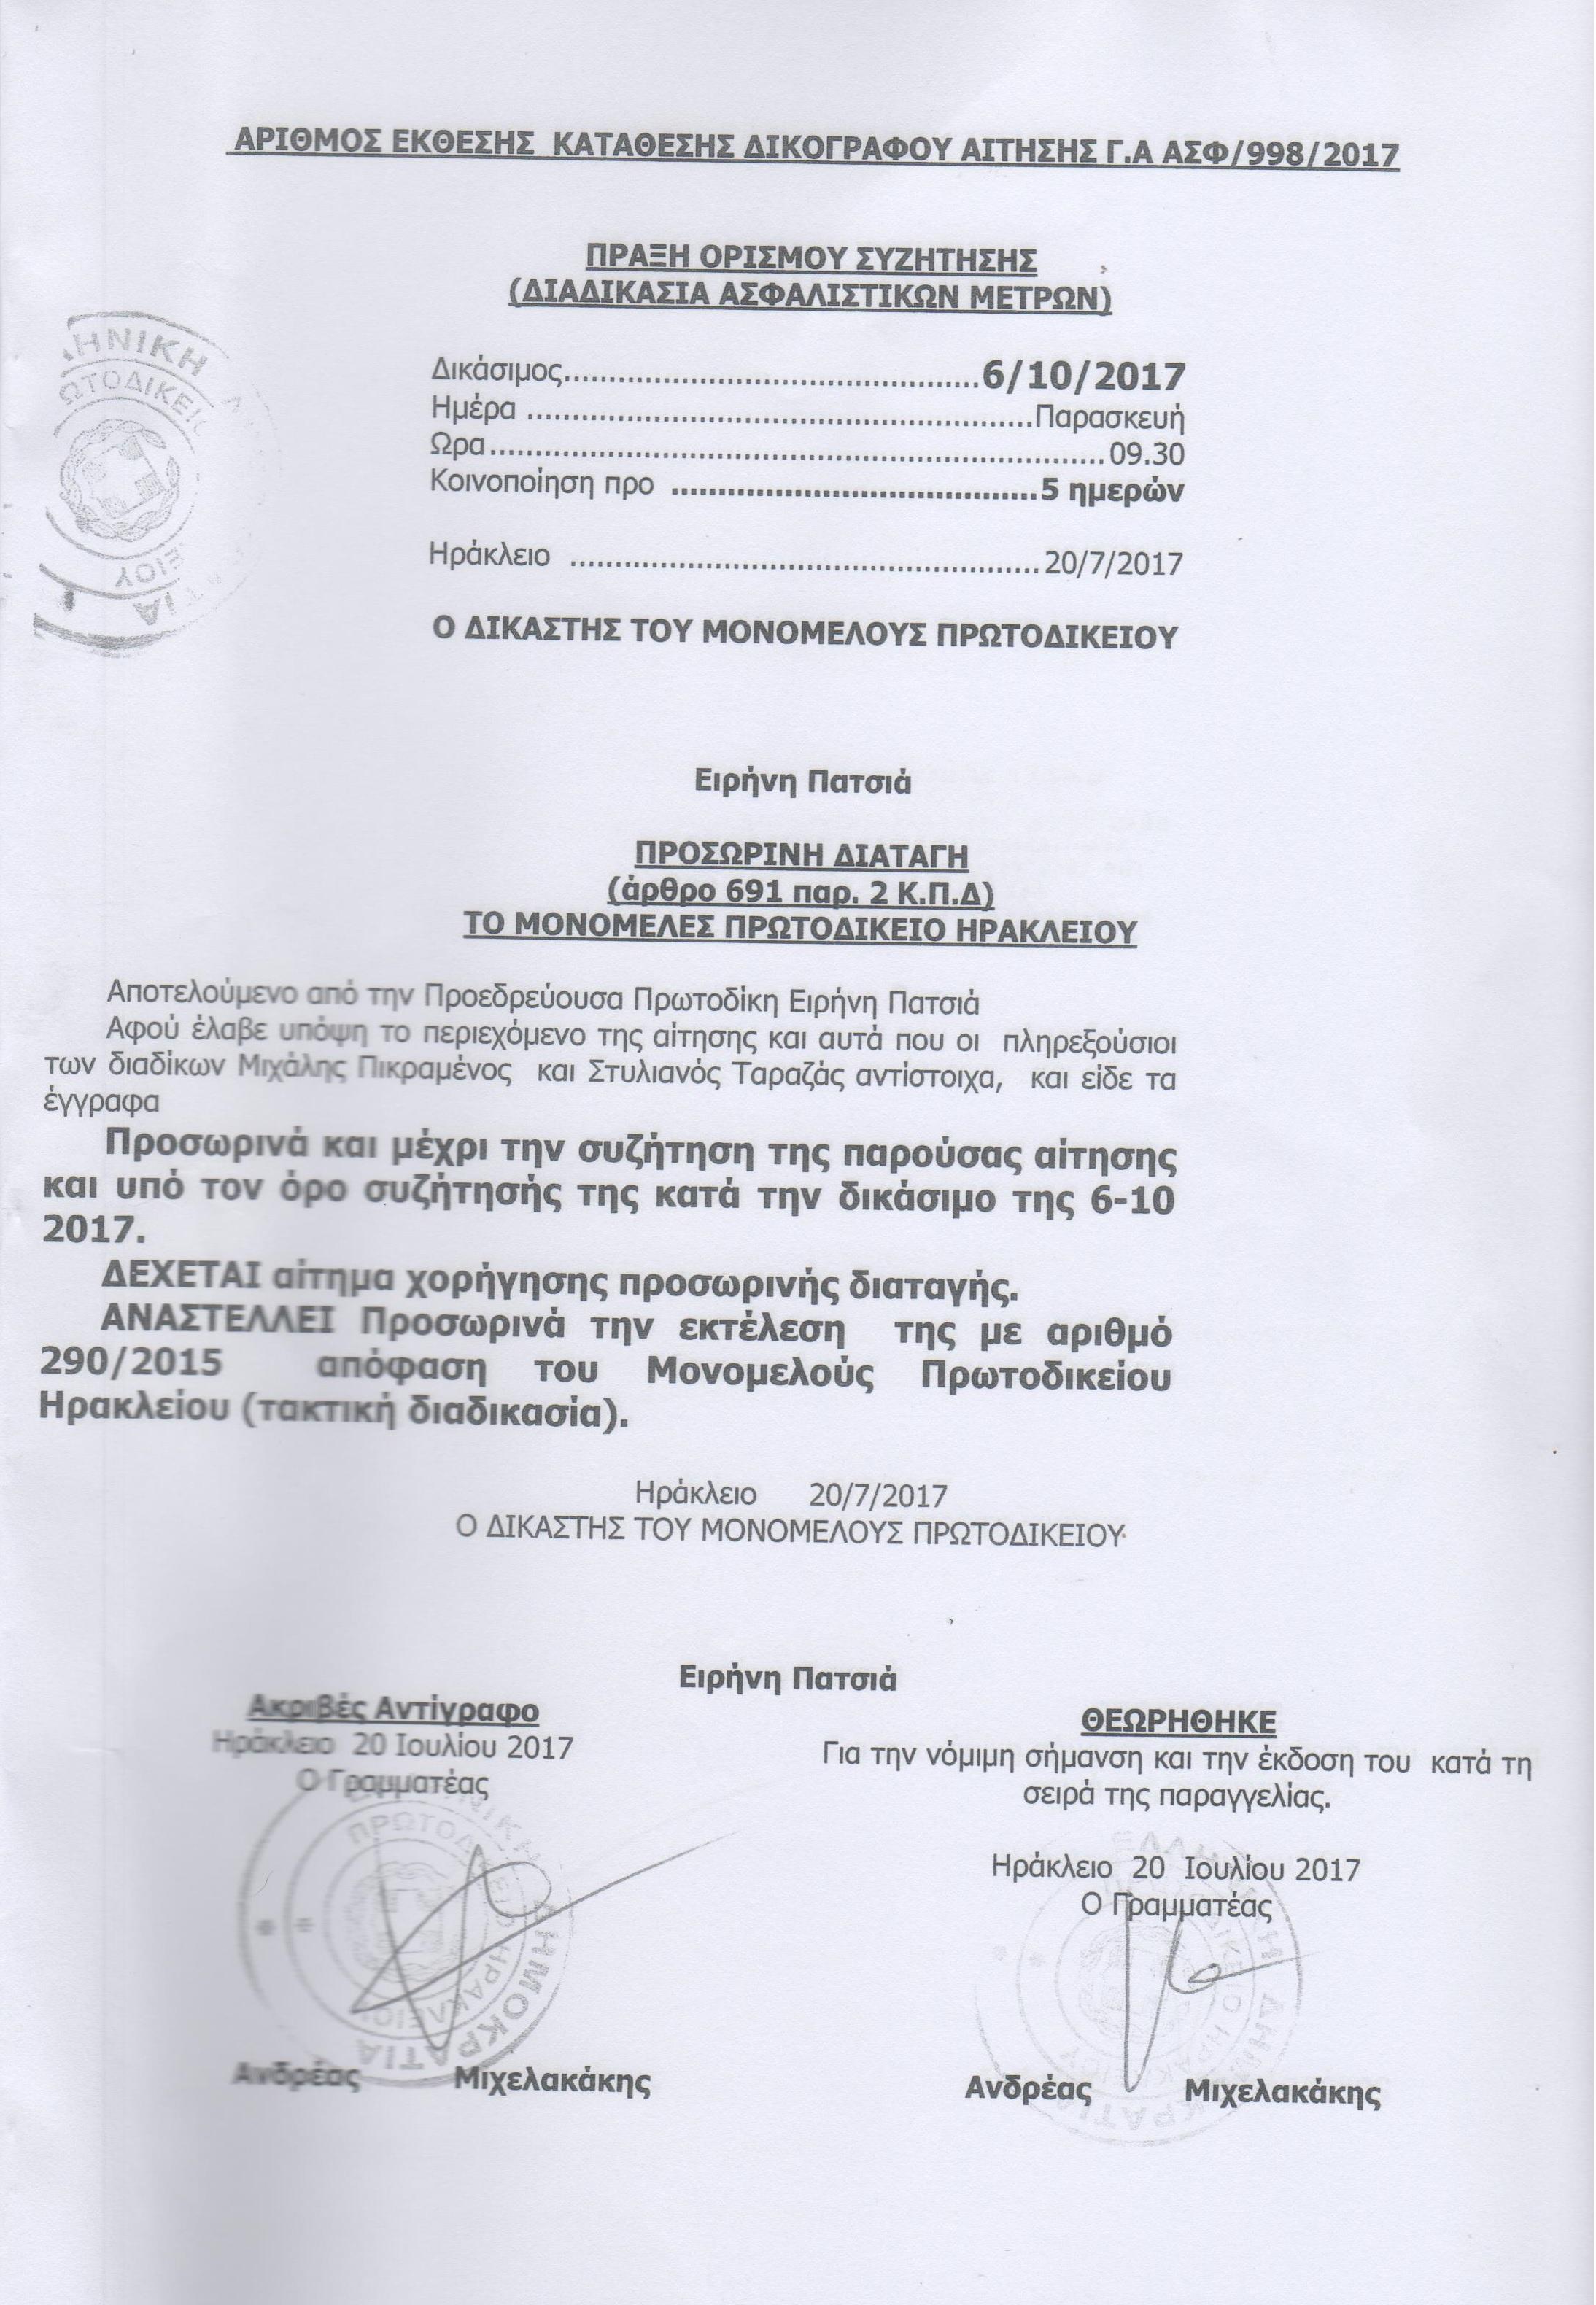 Προσωρινή διαταγή αναστολής αναγκαστικής εκτέλεσης επί χρηματικής  απαιτήσεως – pikramenoslaw e034bfe178f